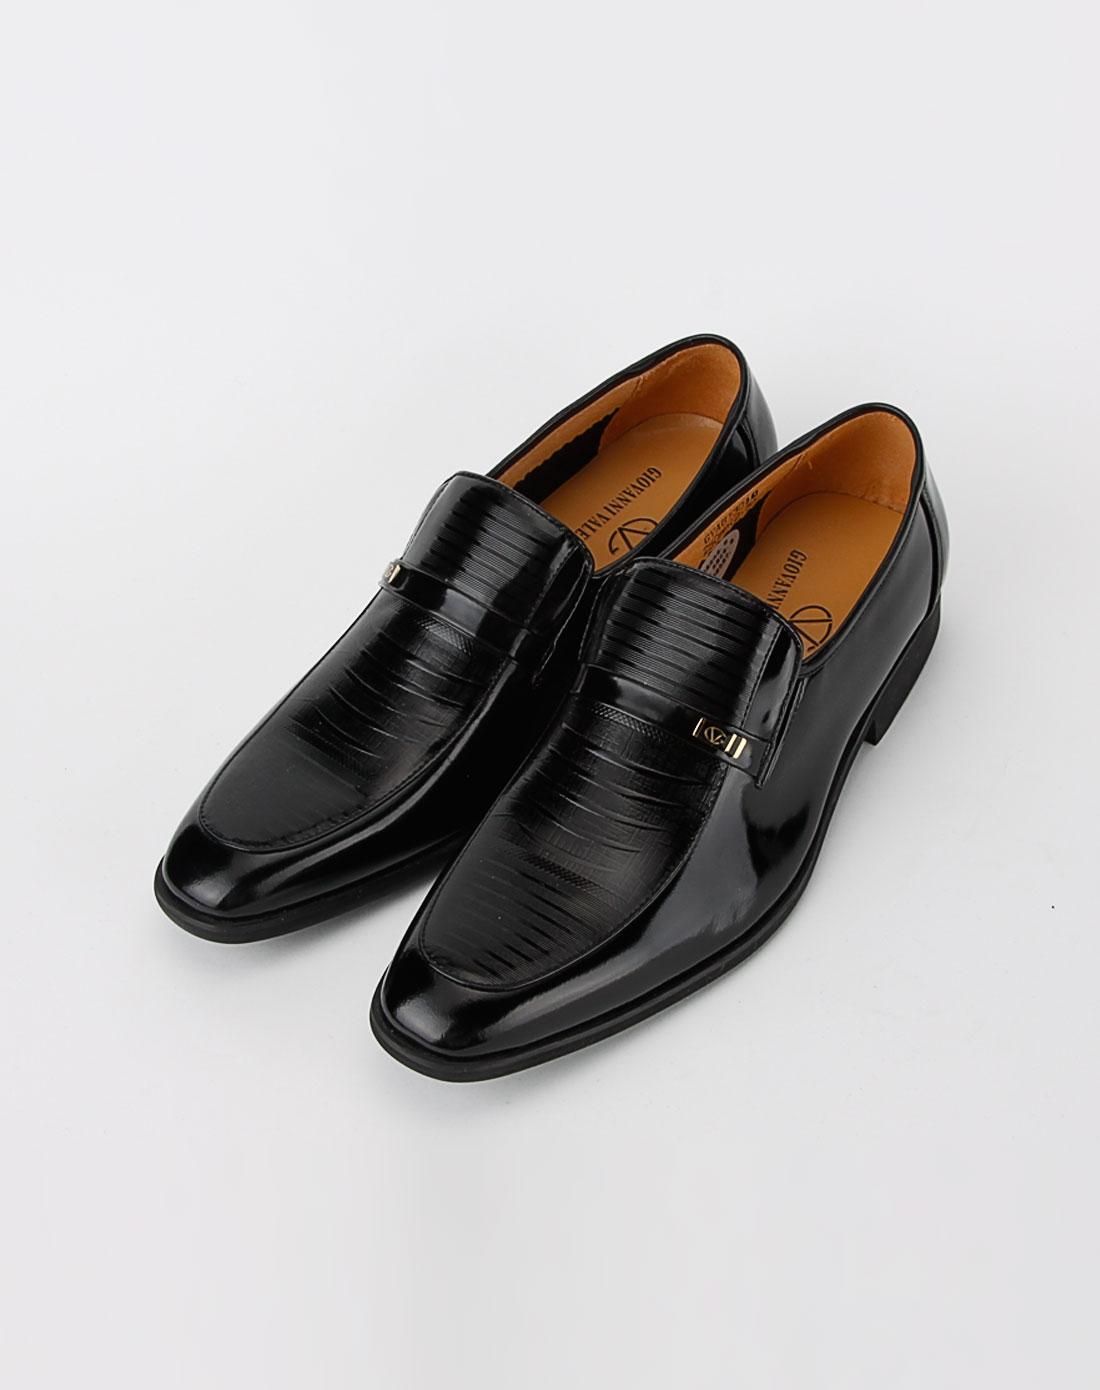 黑色休闲皮鞋11